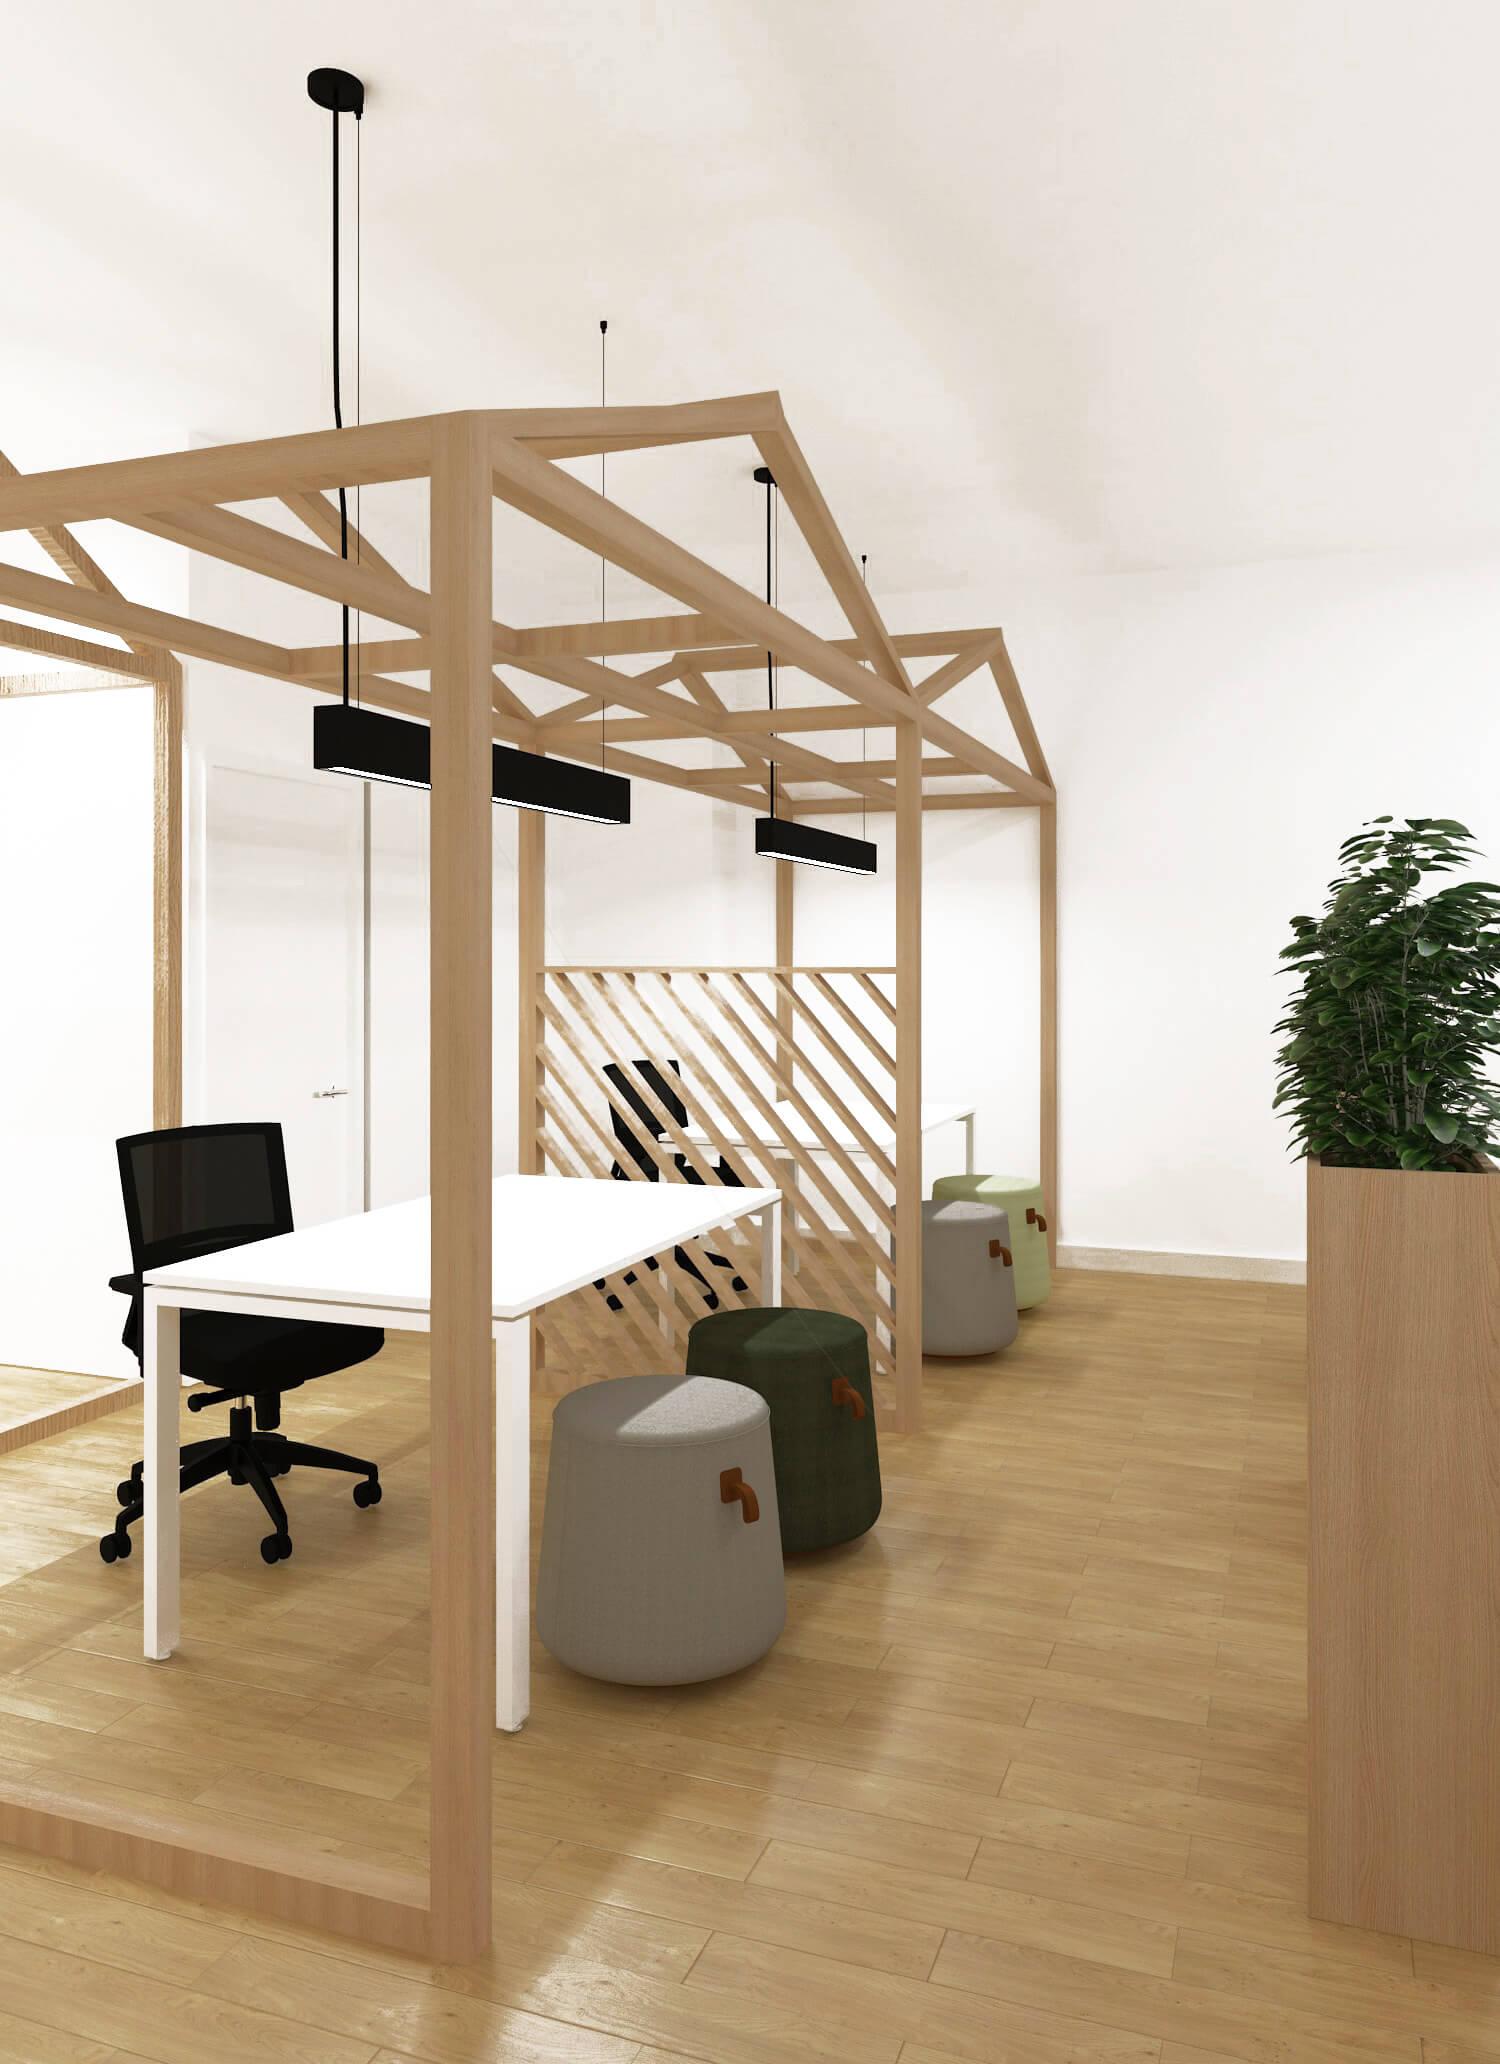 A união da classe docente 3 | Hauss - Interior Design e Contract